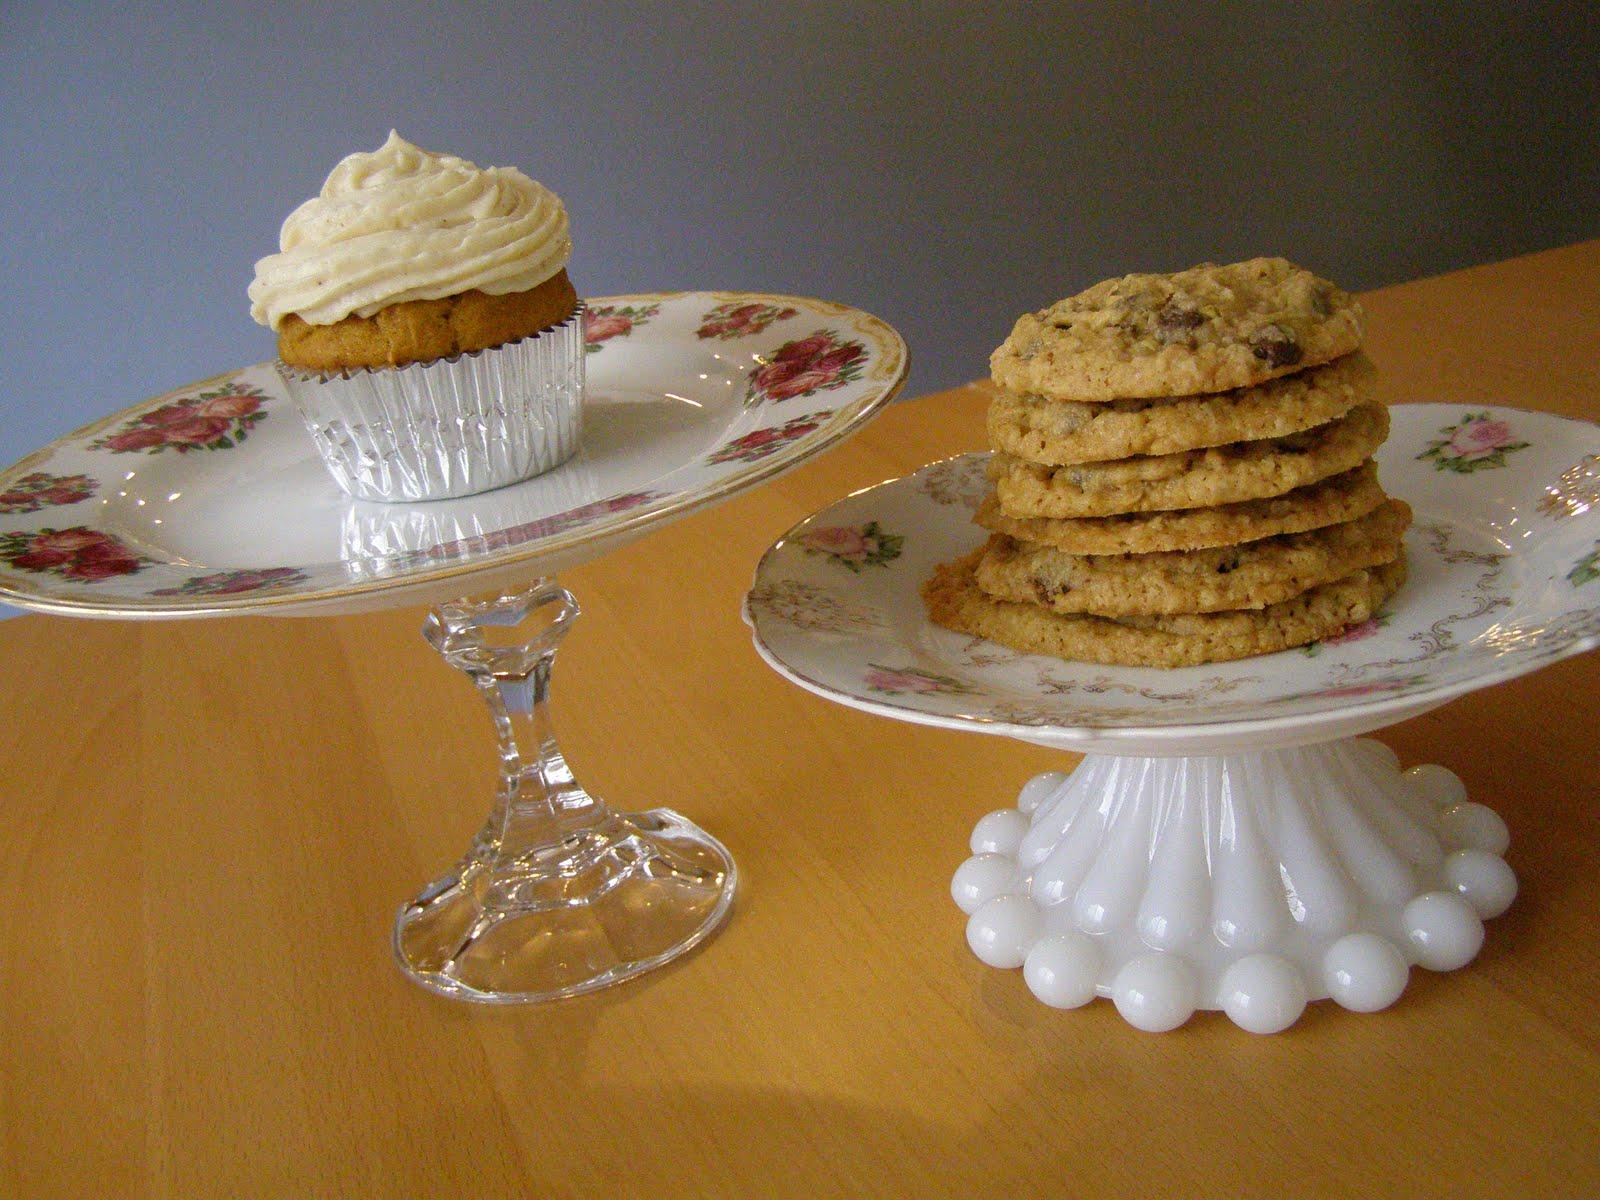 bandeja para cupcakes y galletas hechas a mano